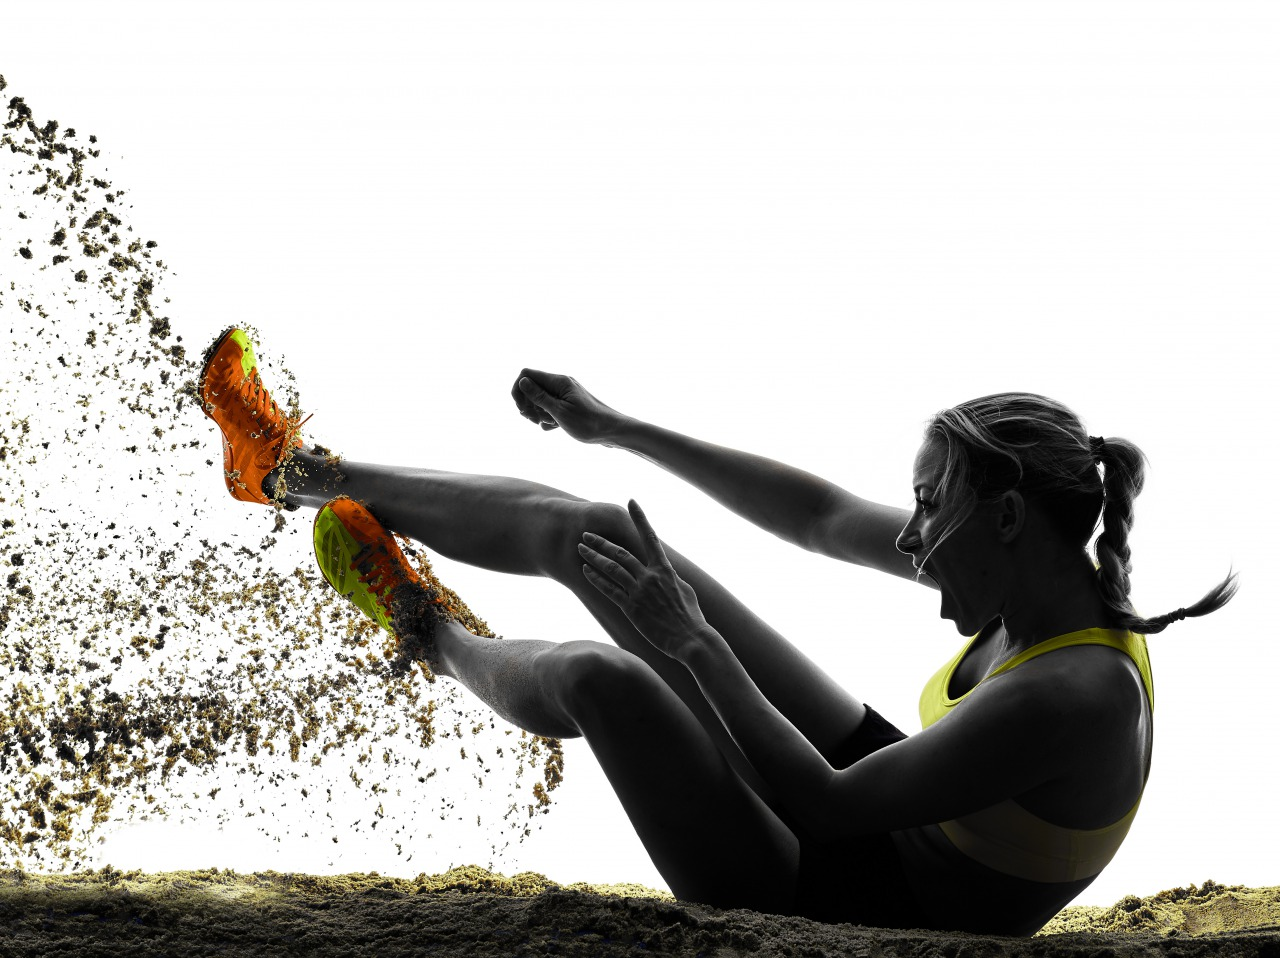 Sports spoit eyecatch long jump rule